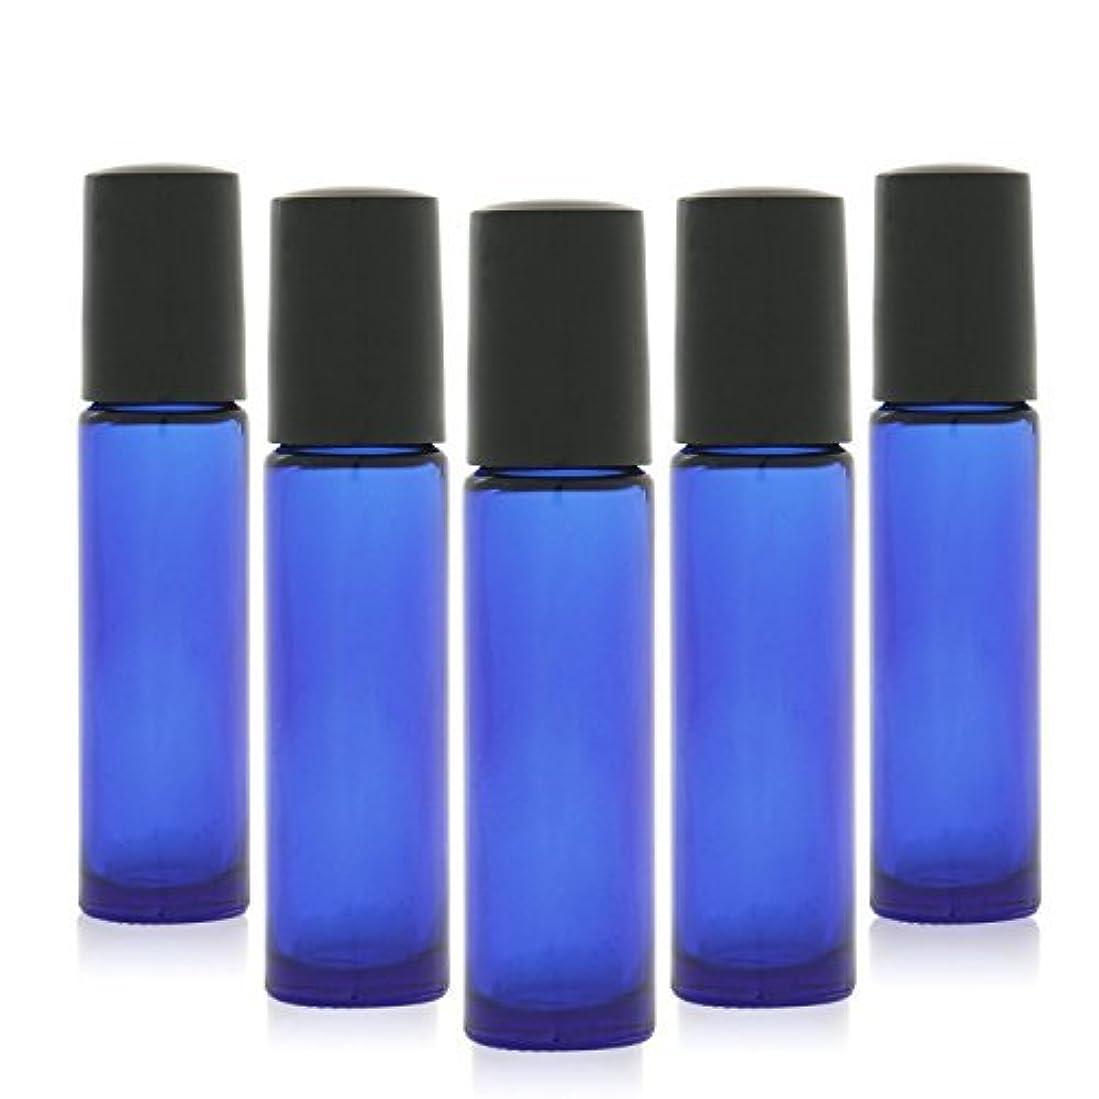 斧おなじみの湿った12 pcs, 10ml Cobalt Blue Glass Roller Bottles with Stainless Steel Roller Ball for Essential Oil - Includes 12 Pieces Labels, Essential Oils Opener, 2 Droppers [並行輸入品]